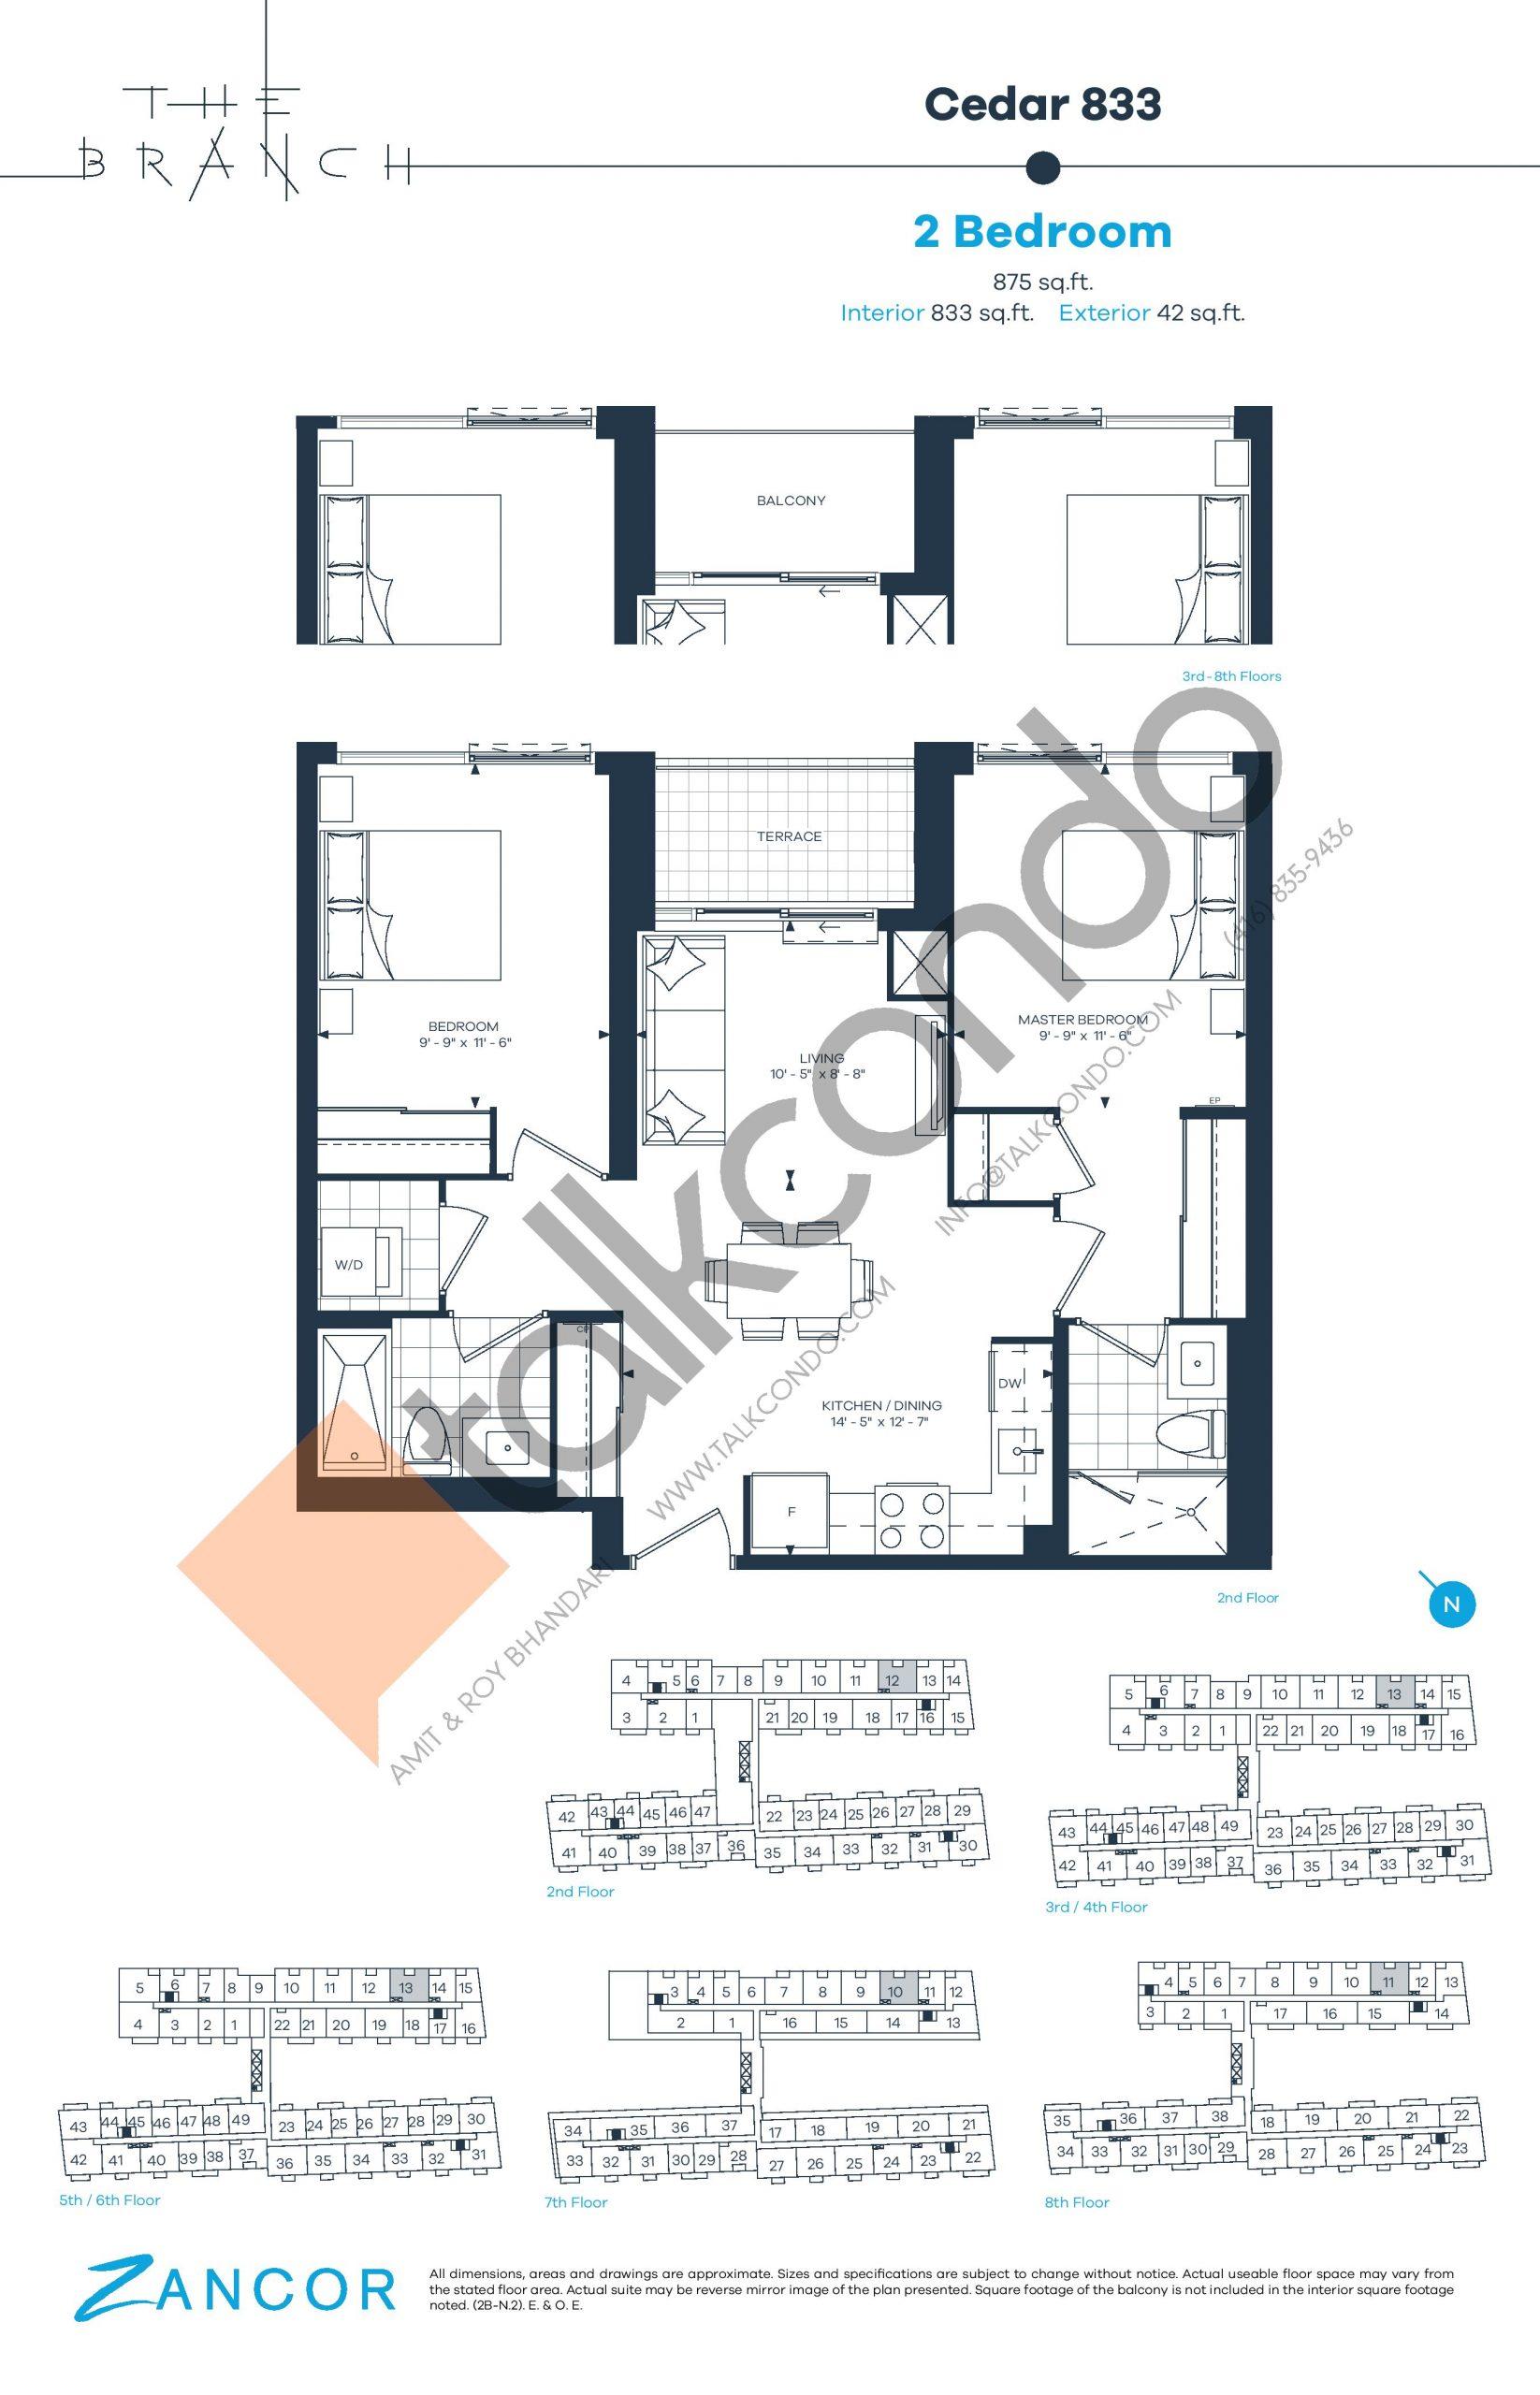 Cedar 833 Floor Plan at The Branch Condos - 833 sq.ft